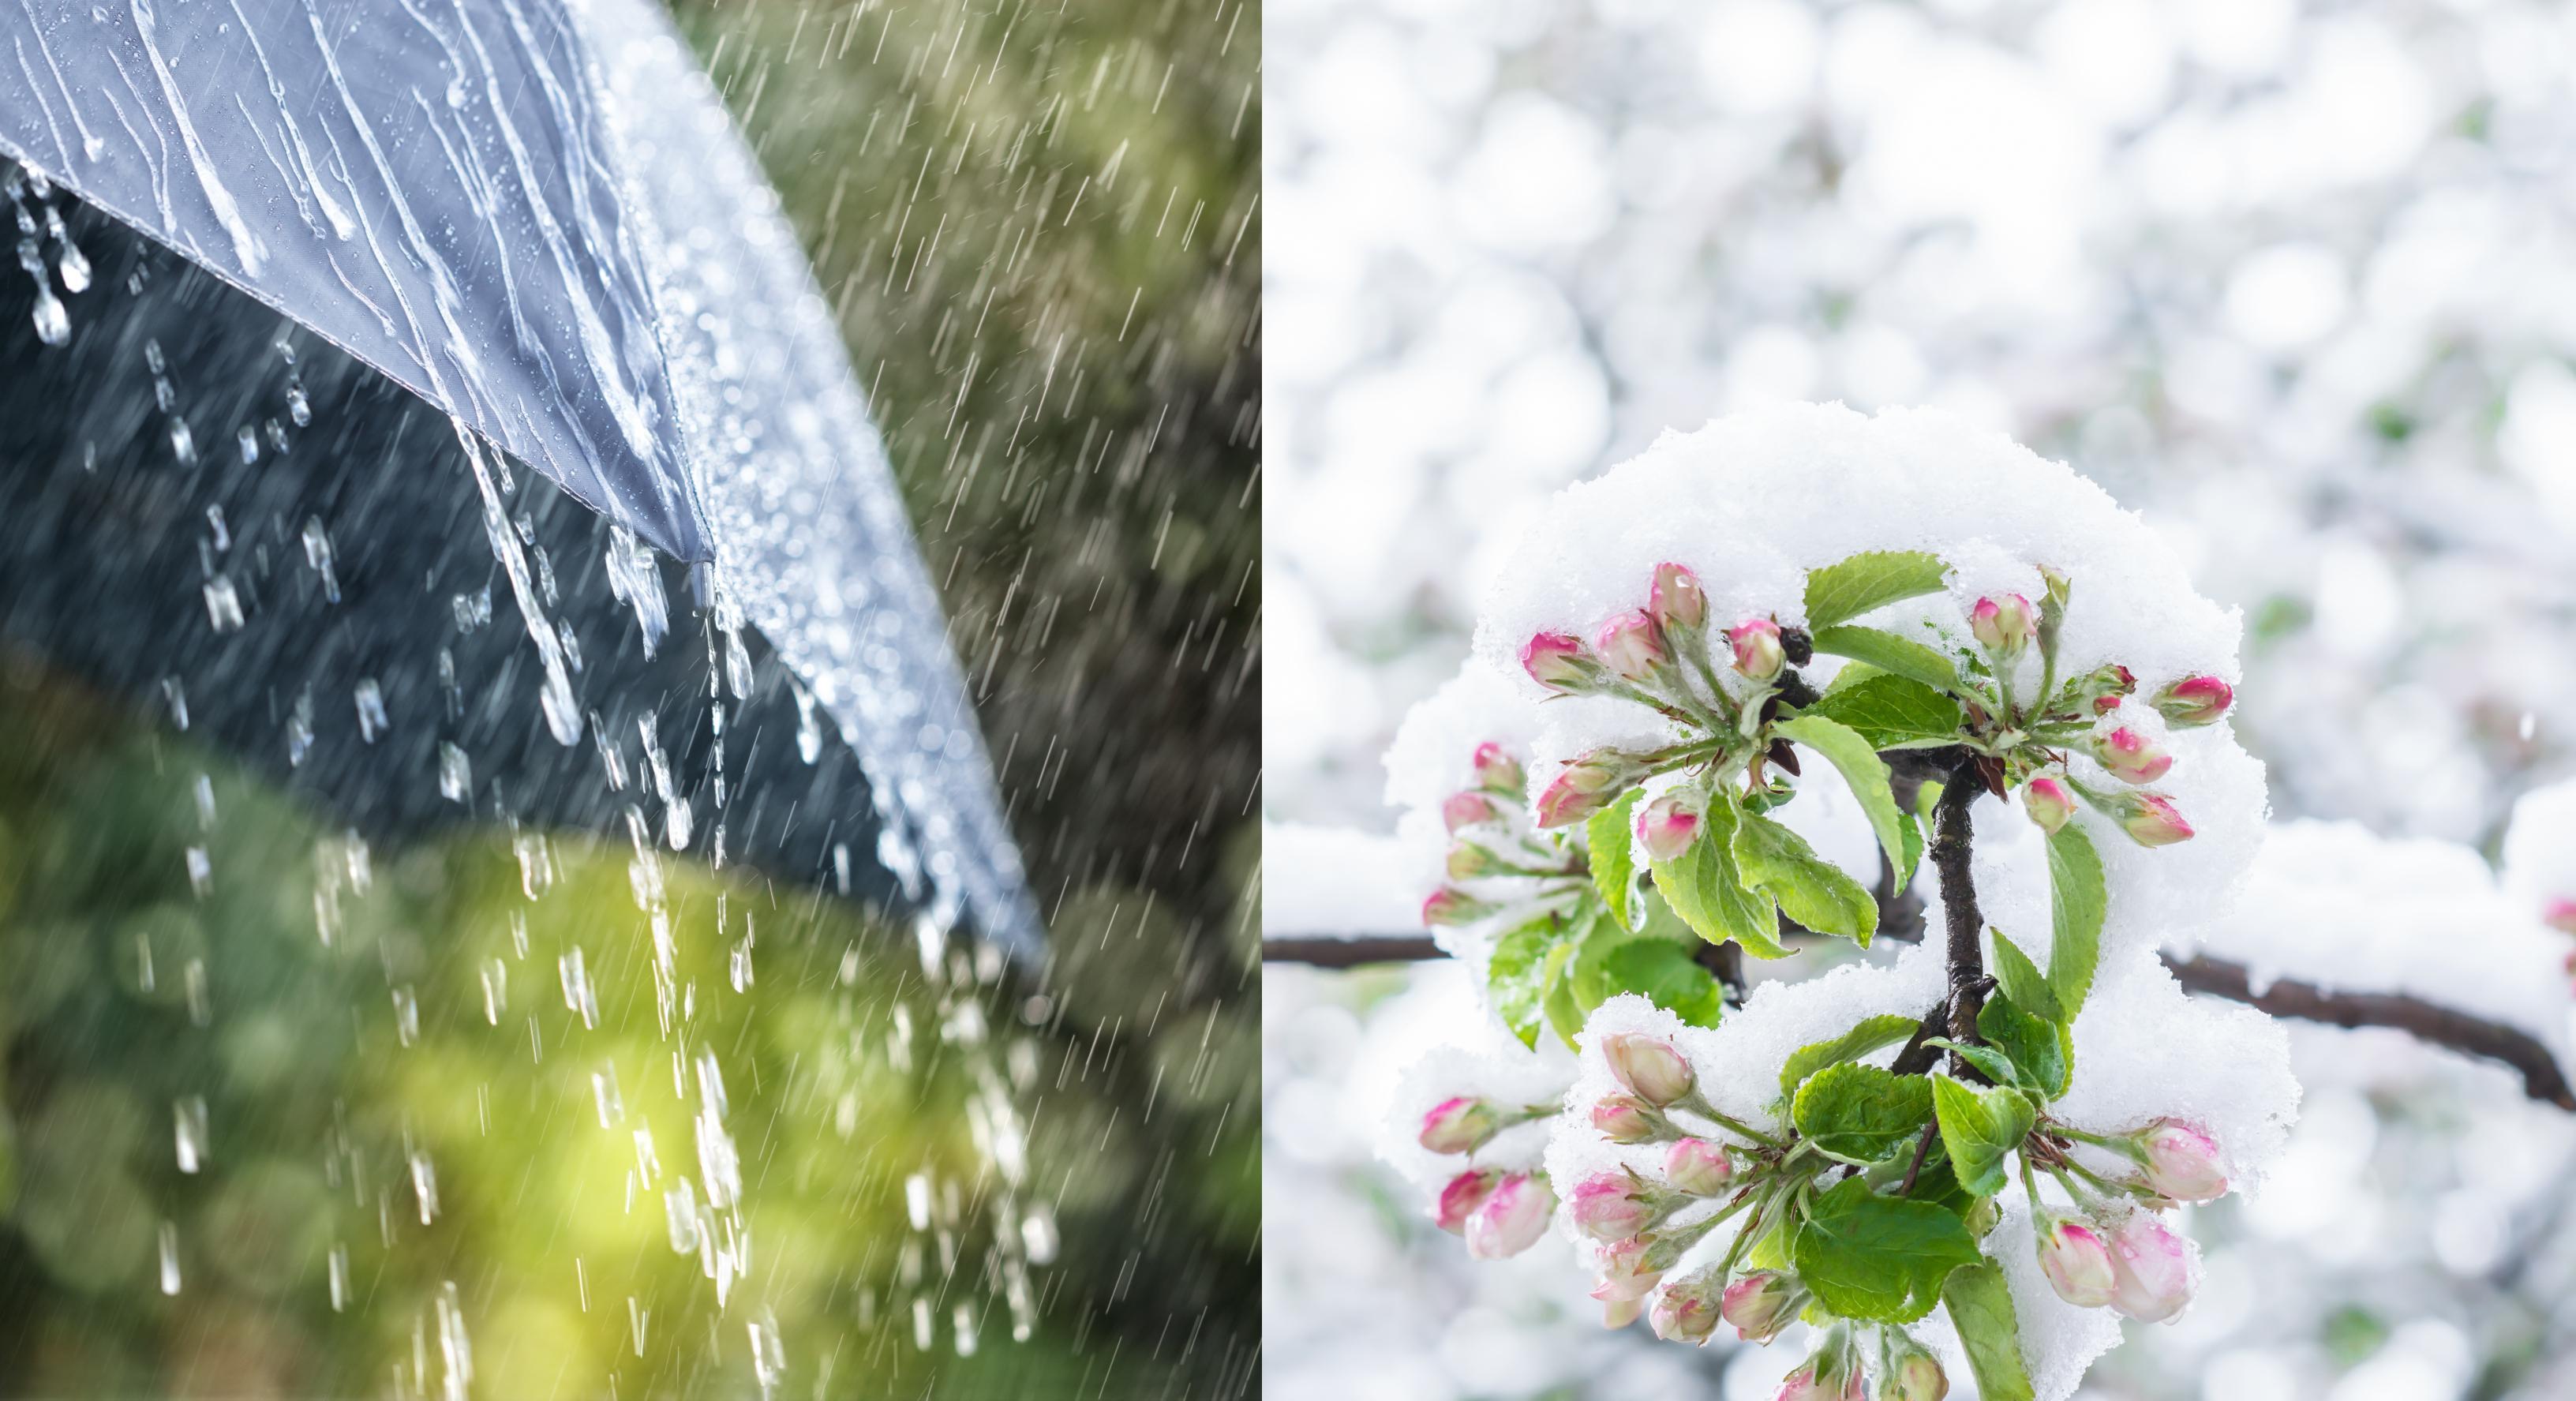 ANM anunță ninsori, lapoviță, ploi și viscol. Vremea se schimbă brusc, temperaturile scad și cu 15 grade